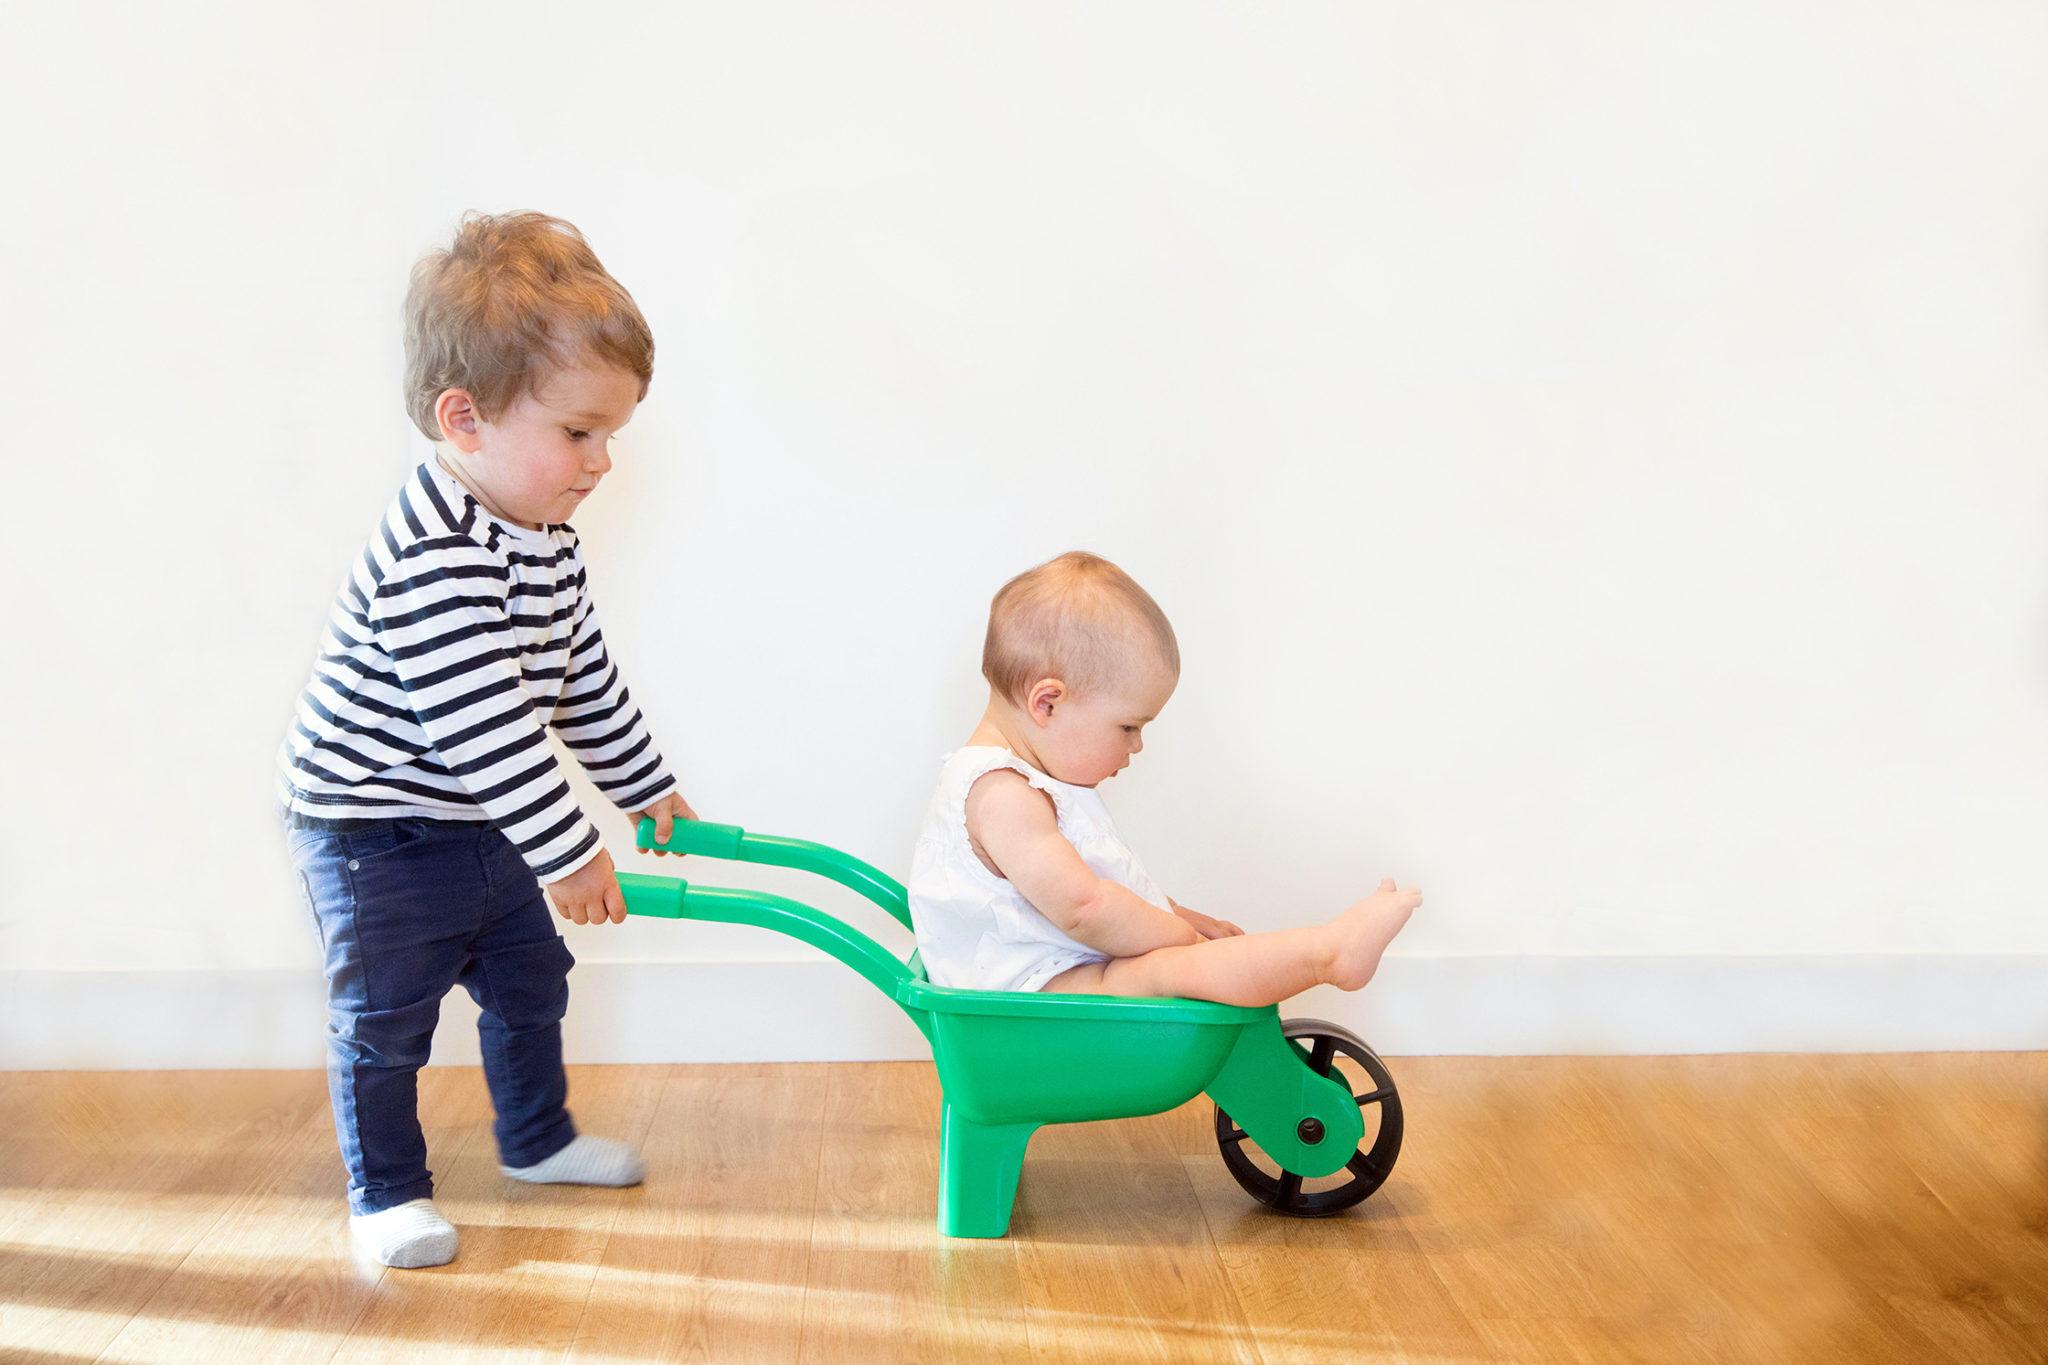 Top 5 Des Jeux D'éveil Pour Un Bébé De 6 Mois - Mademoiselle destiné Jeux D Eveil Bébé 2 Mois